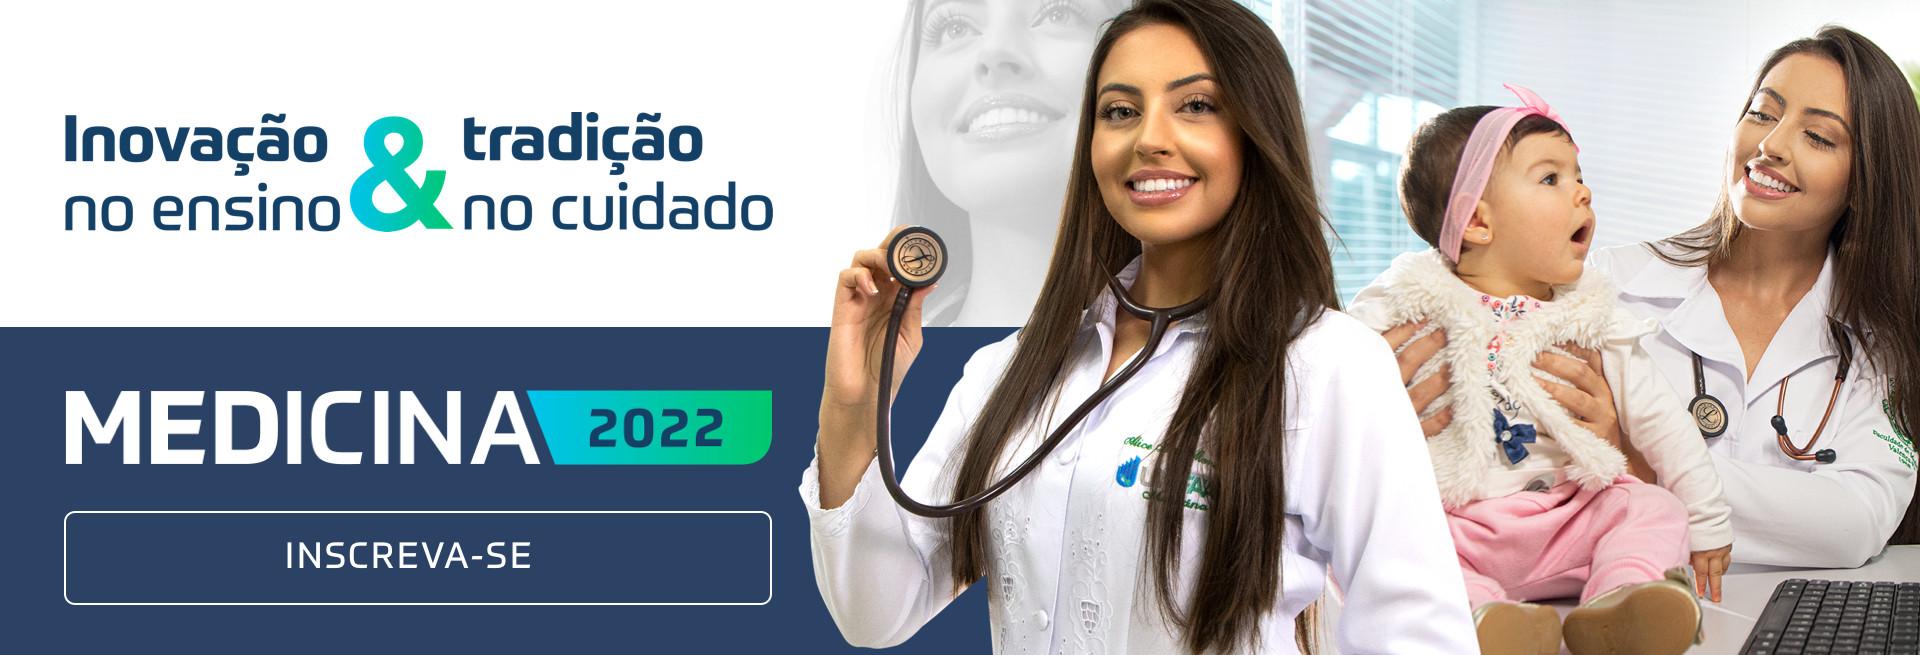 MEDICINA 2022 UNIFAA